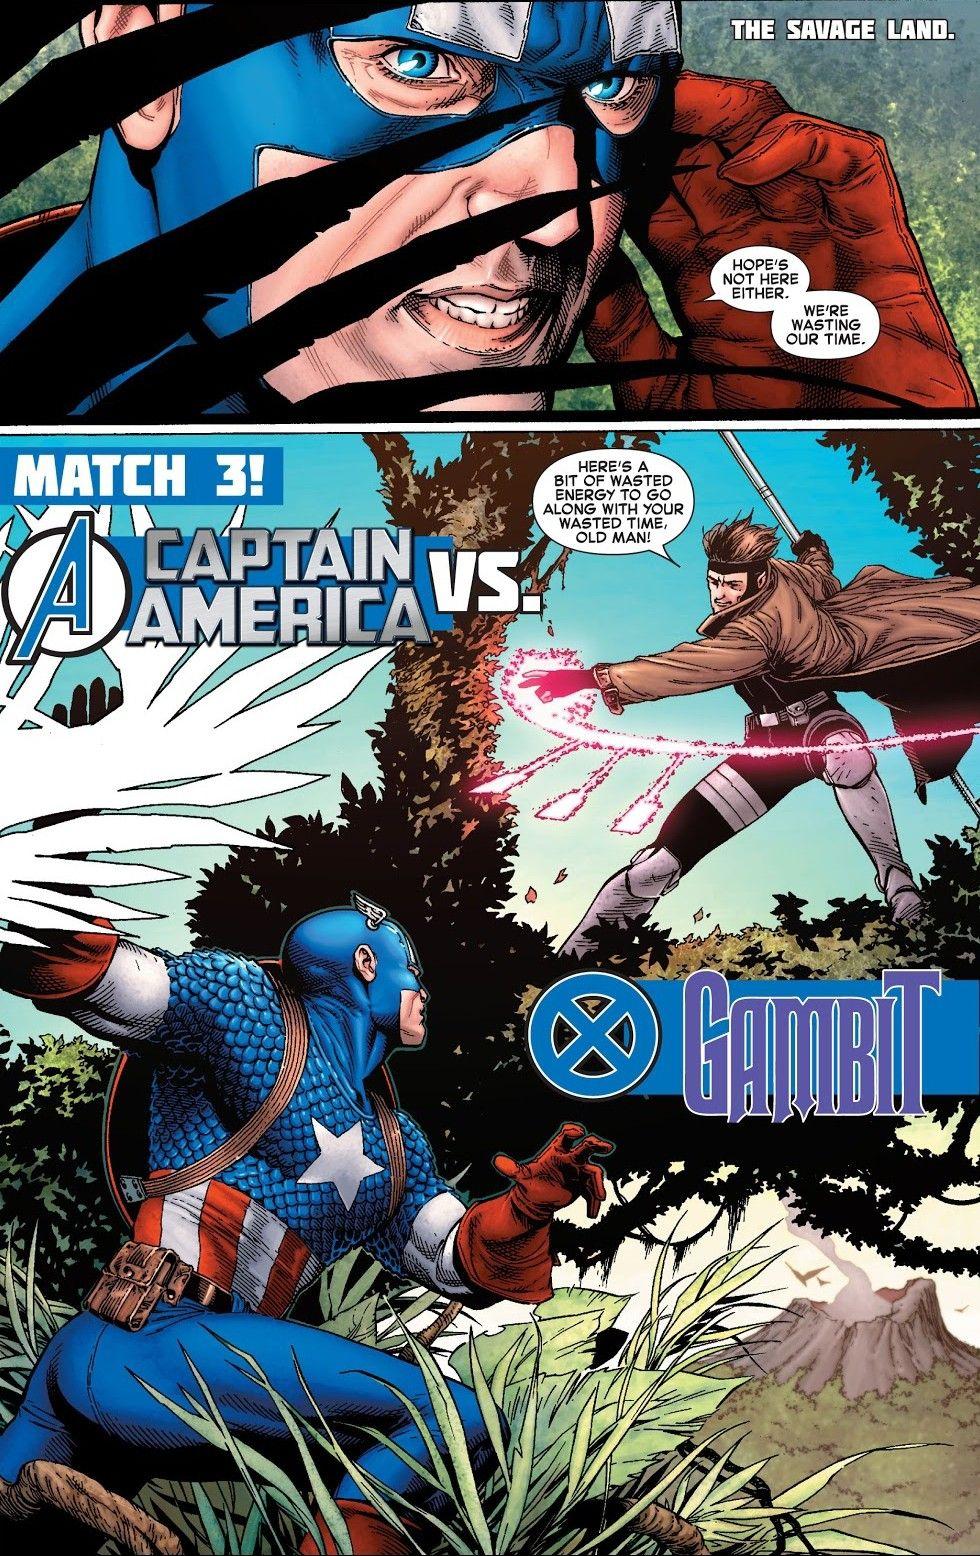 Gambit Vs Captain America Avx Vs 2 Avengers Comics Gambit Marvel Marvel Superheroes